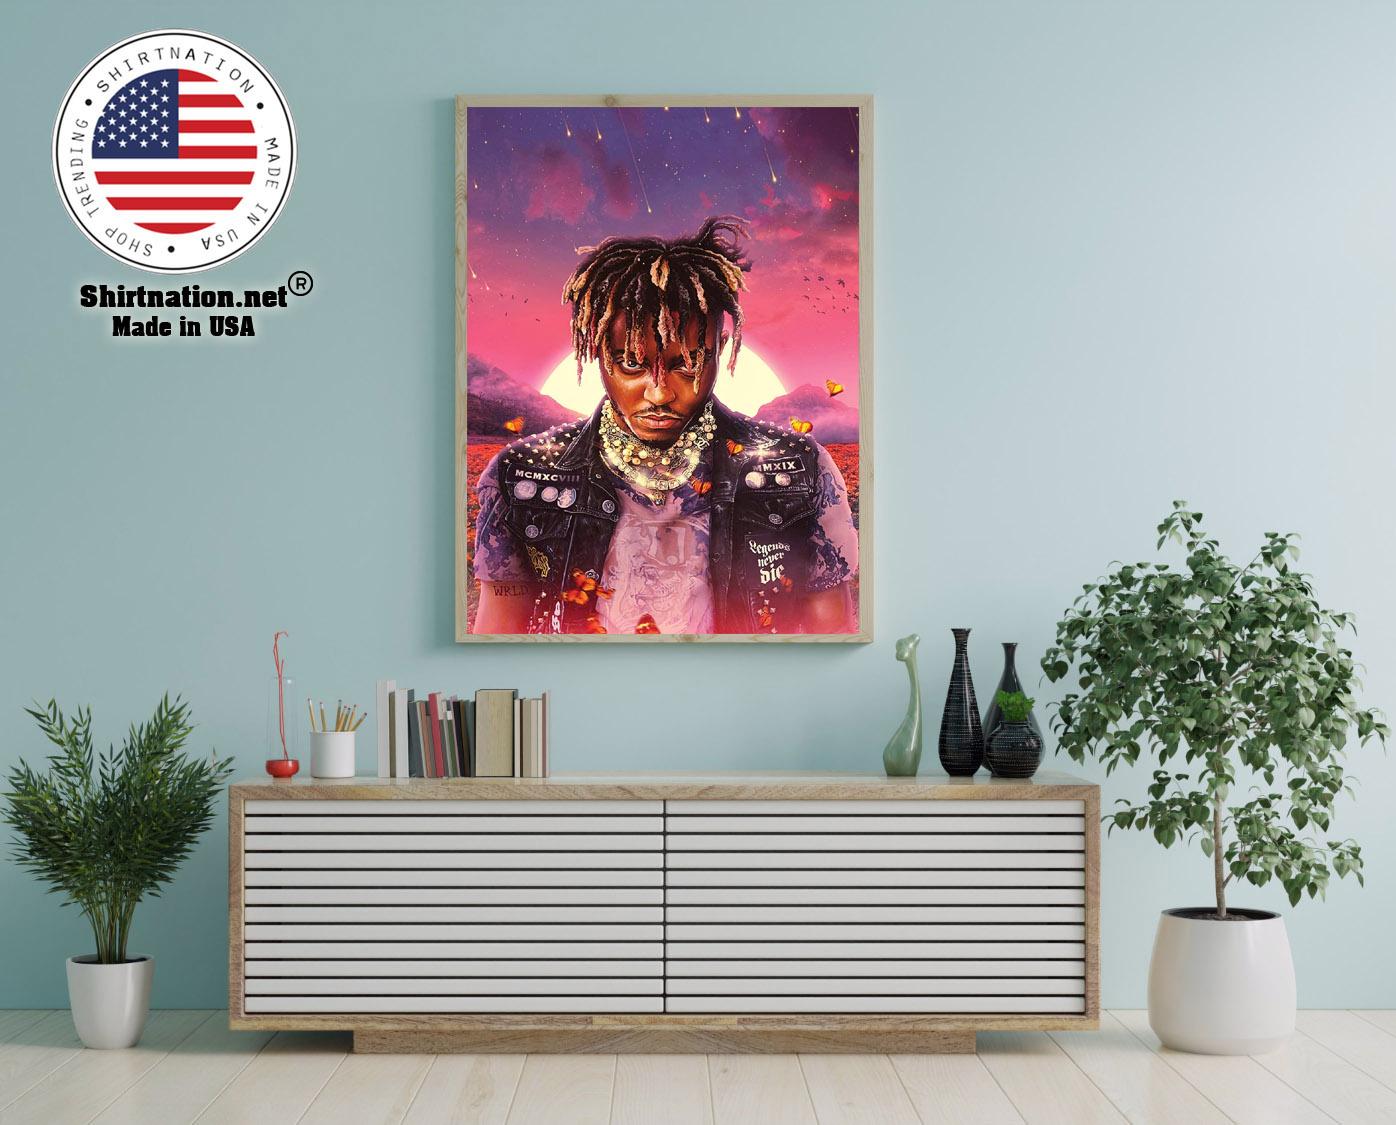 Juice WRLD legend never die poster 12